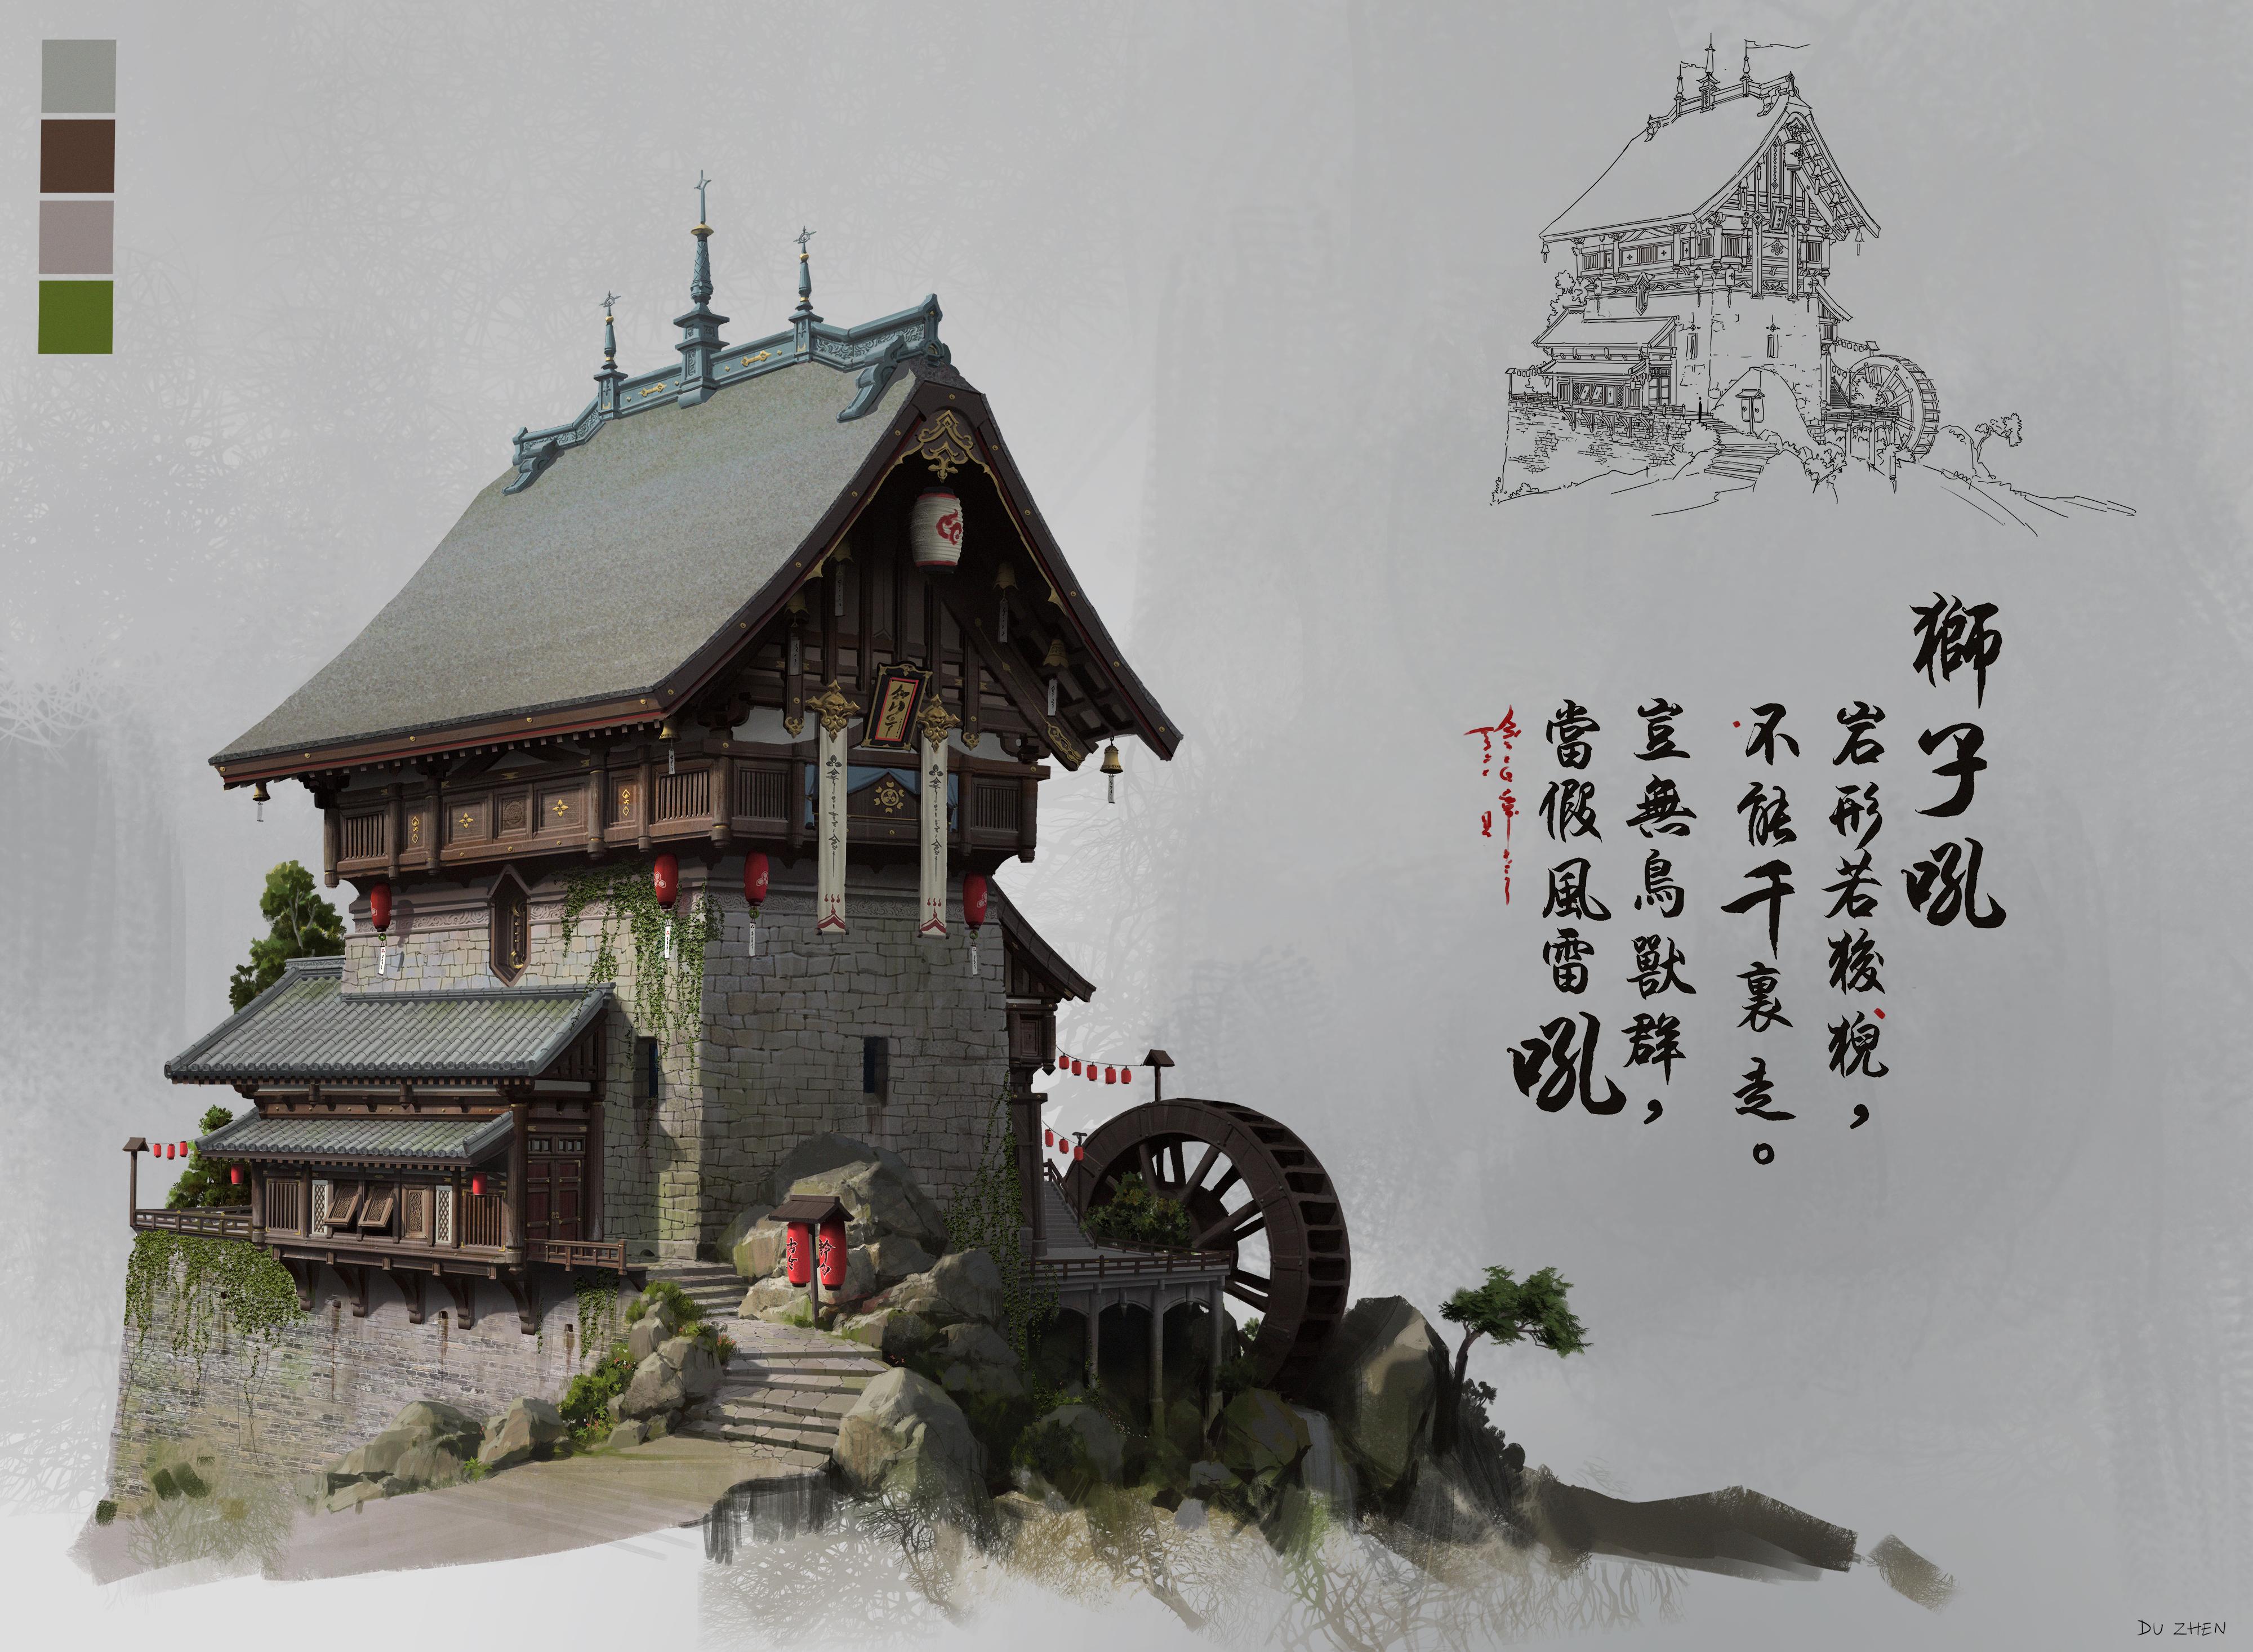 杜震-游戏原画场景建筑设计